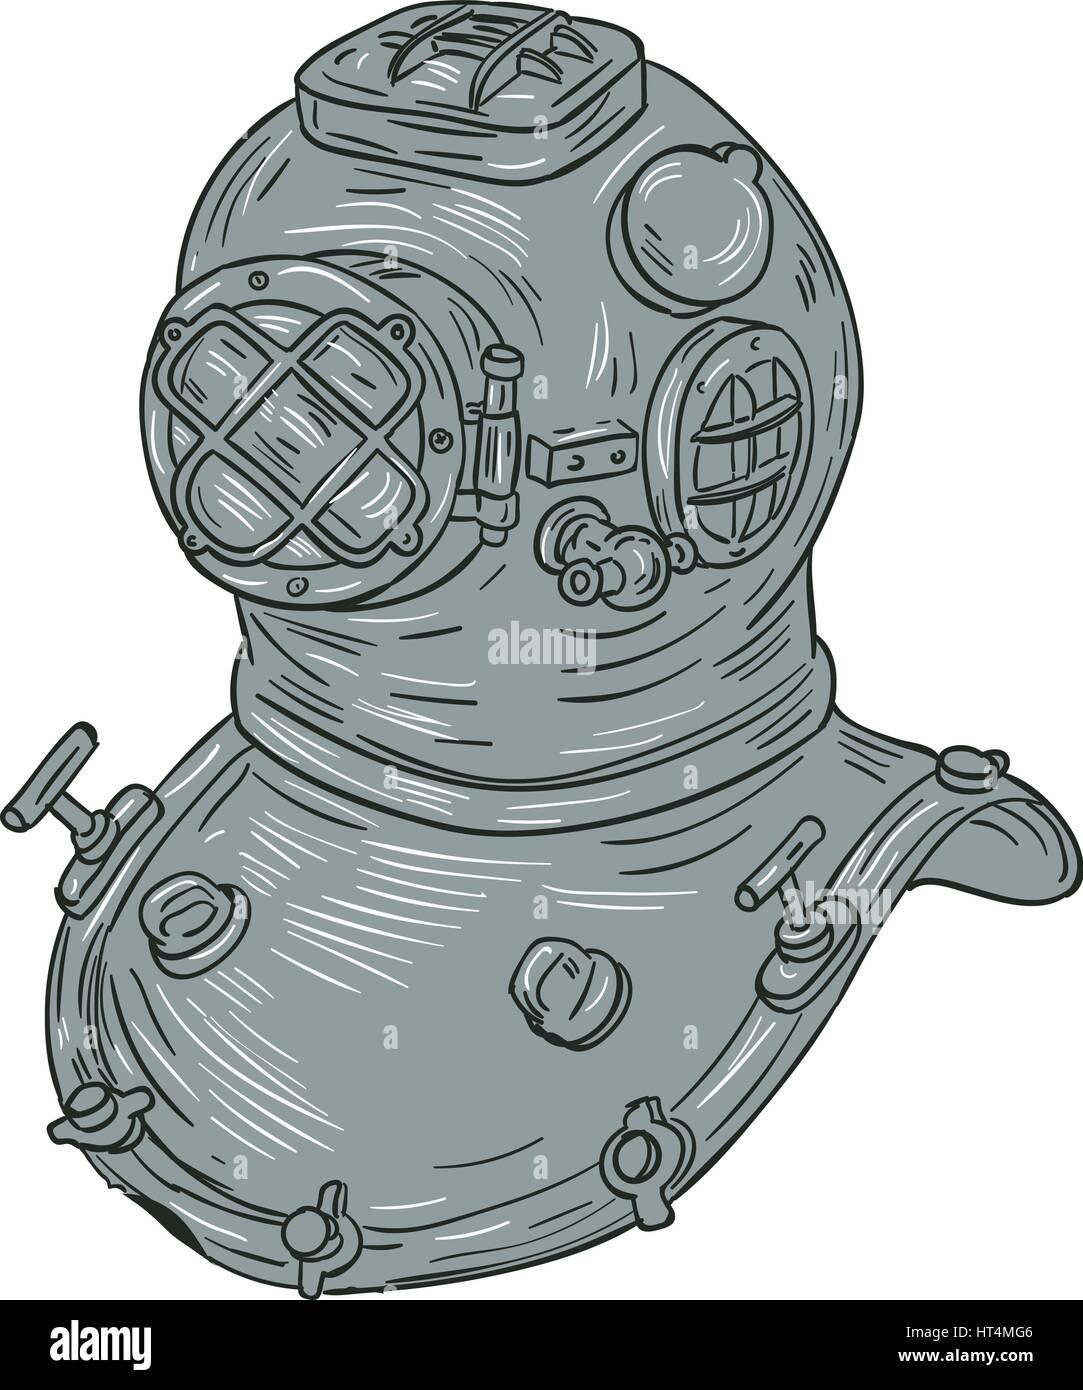 Schizzo di disegno illustrazione dello stile di rame e ottone old school deep sea diving immersioni casco o standard Immagini Stock